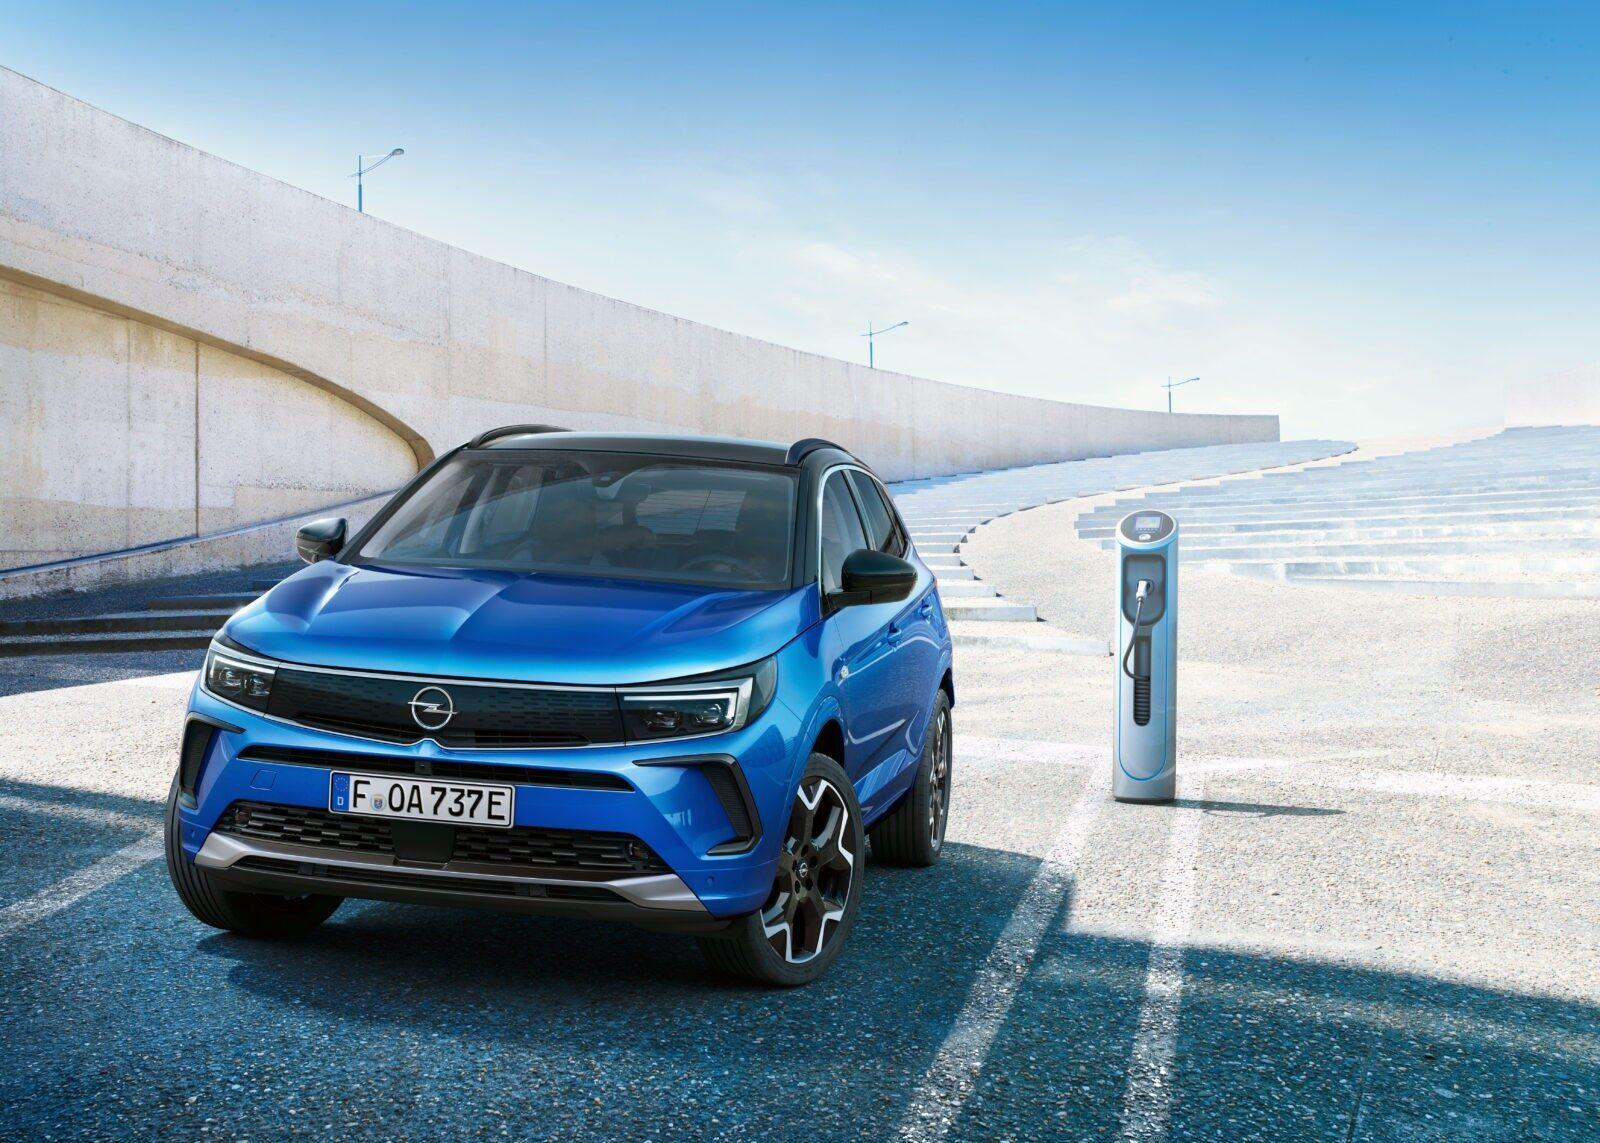 Opel сделала новый электромобиль Grandland - смелый дизайн и передовые технологии (novyj opel grandland 5)